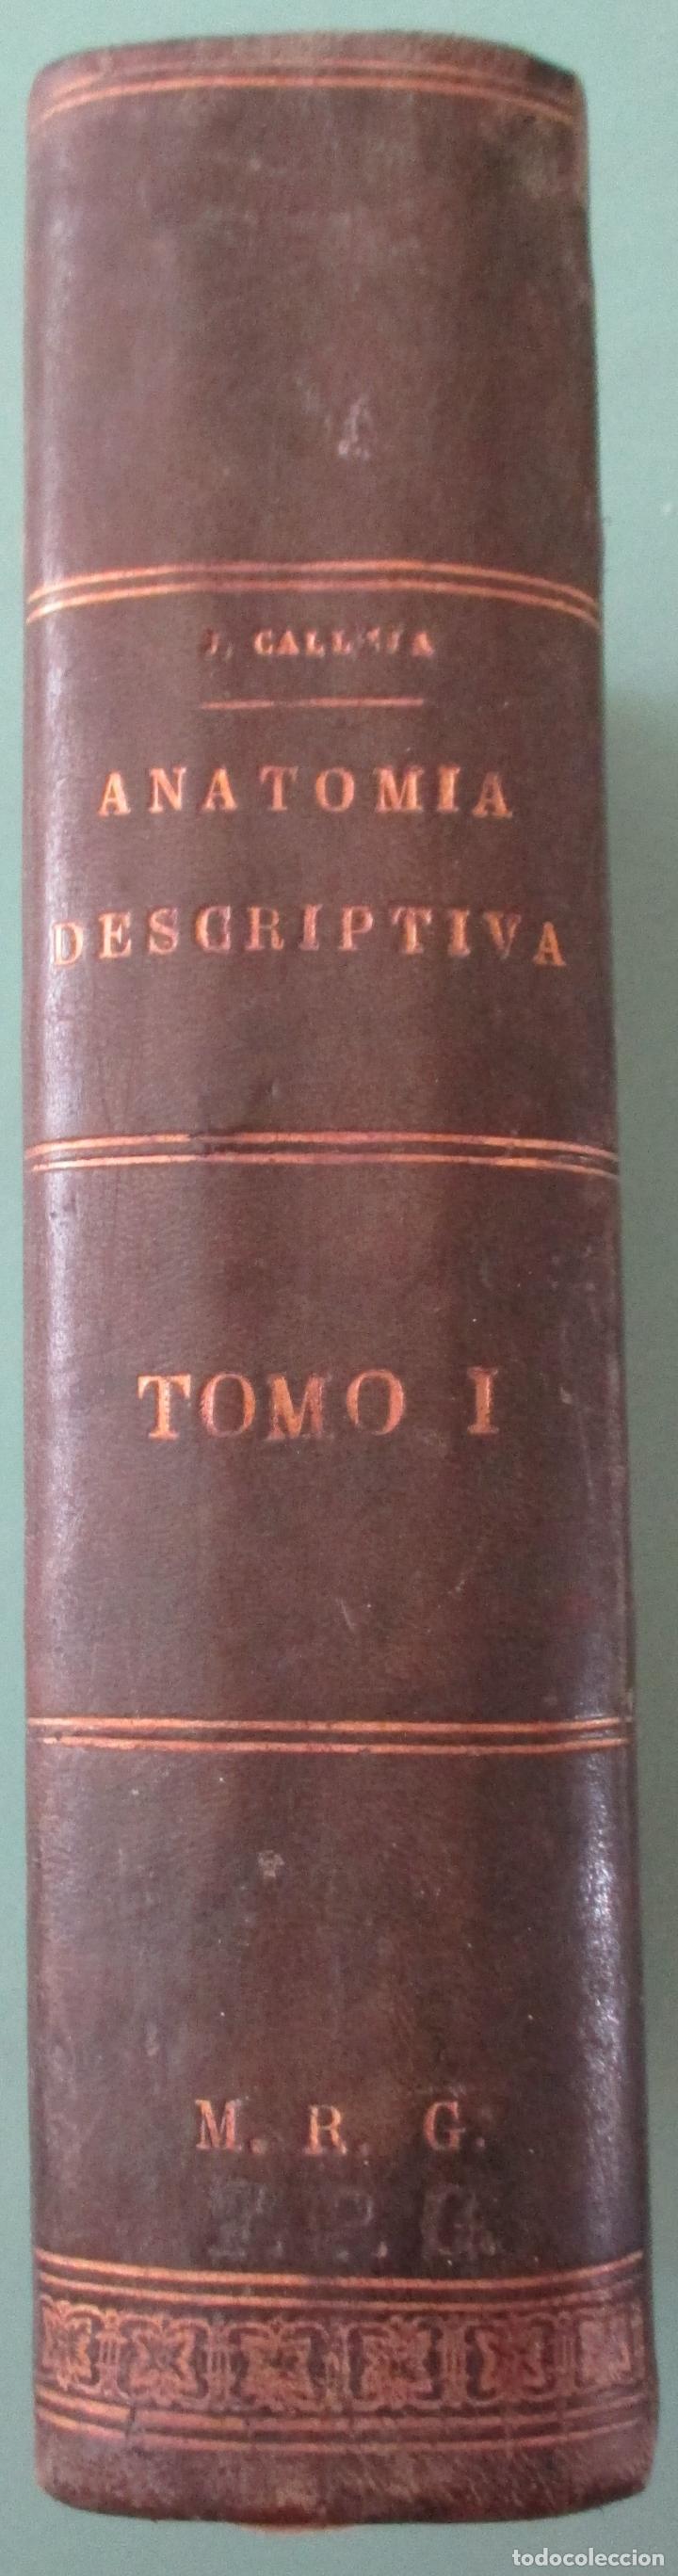 Libros antiguos: COMPENDIO DE ANATOMÍA DESCRIPTIVA EMBRIOLOGÍA HUMANAS. TOMO I. 4ª EDICIÓN. 1901. JULIAN CALLEJA - Foto 4 - 148646866